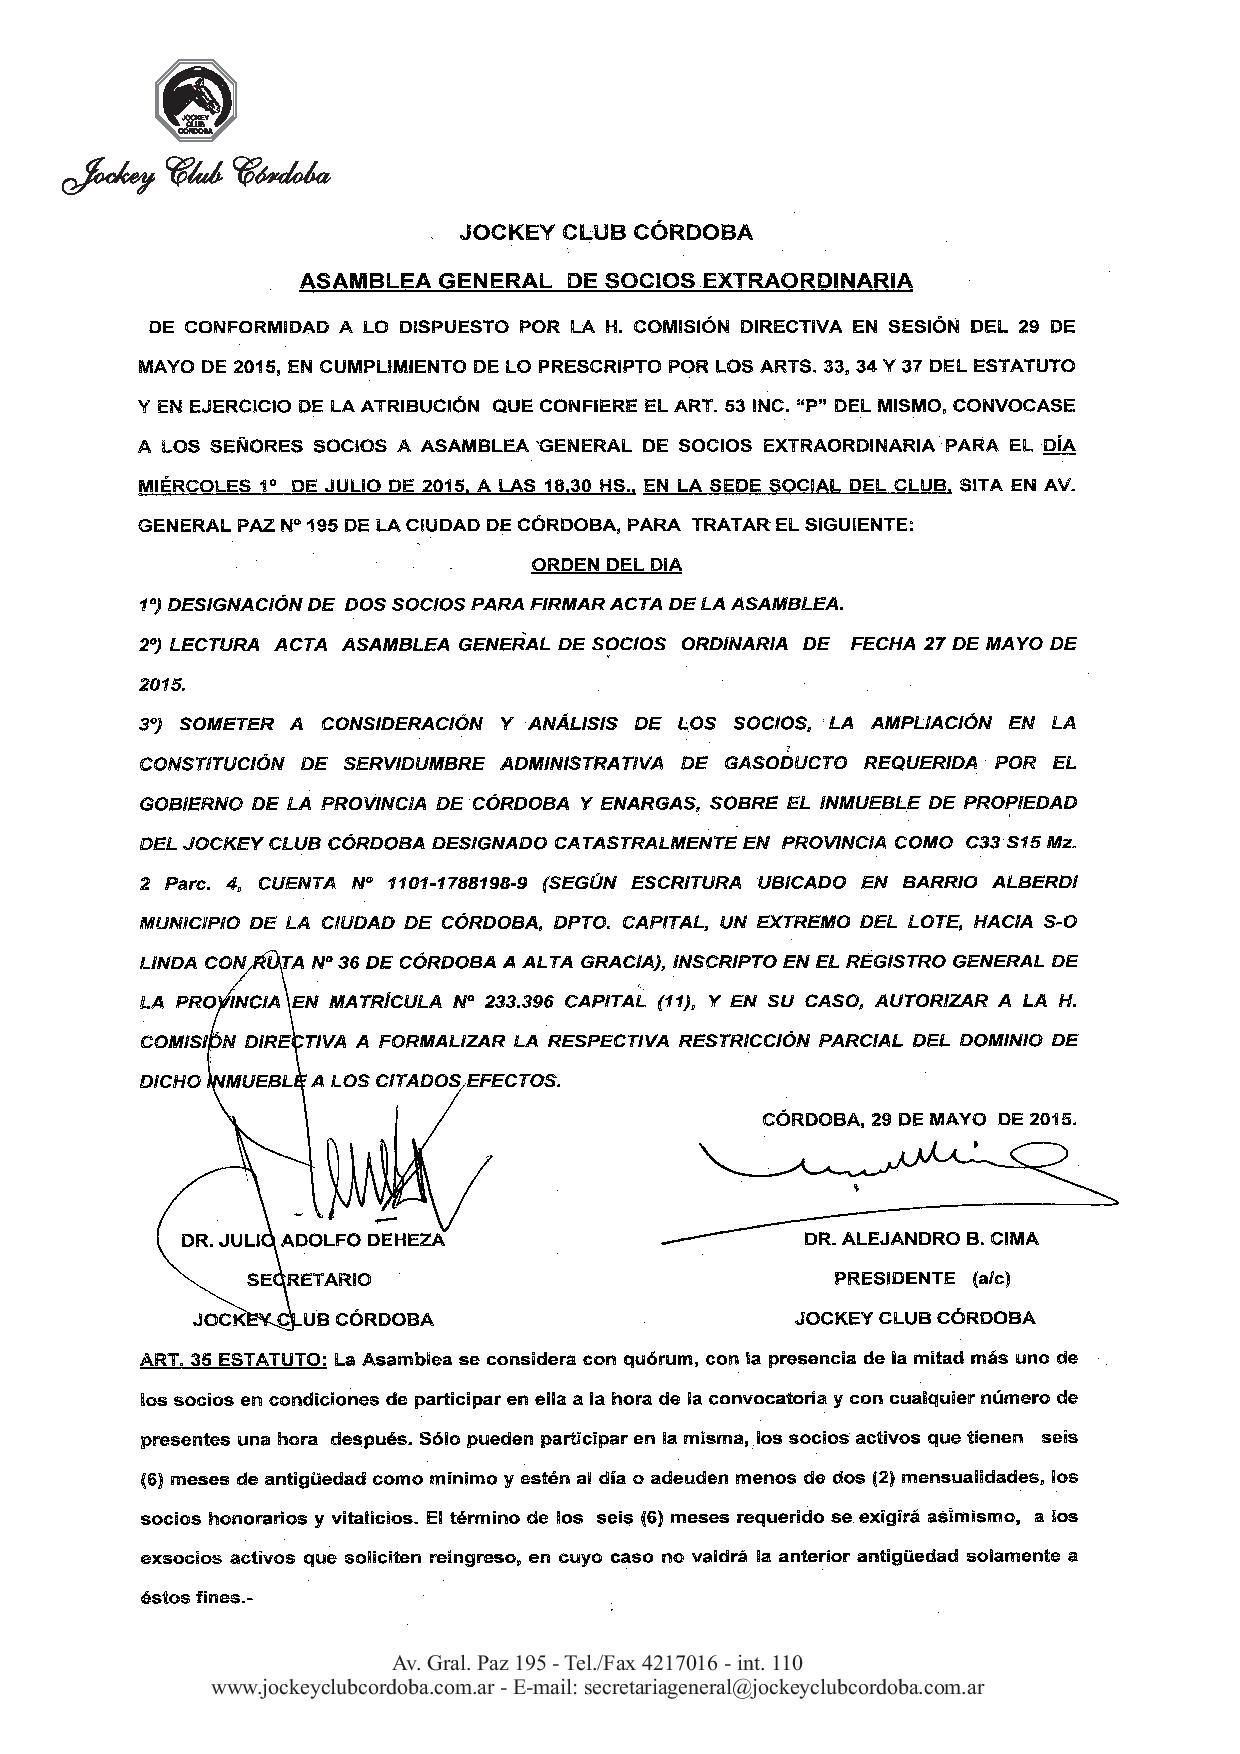 LLAMADO ASAMBRLEA GENERAL EXTRAORDINARIA-page-001